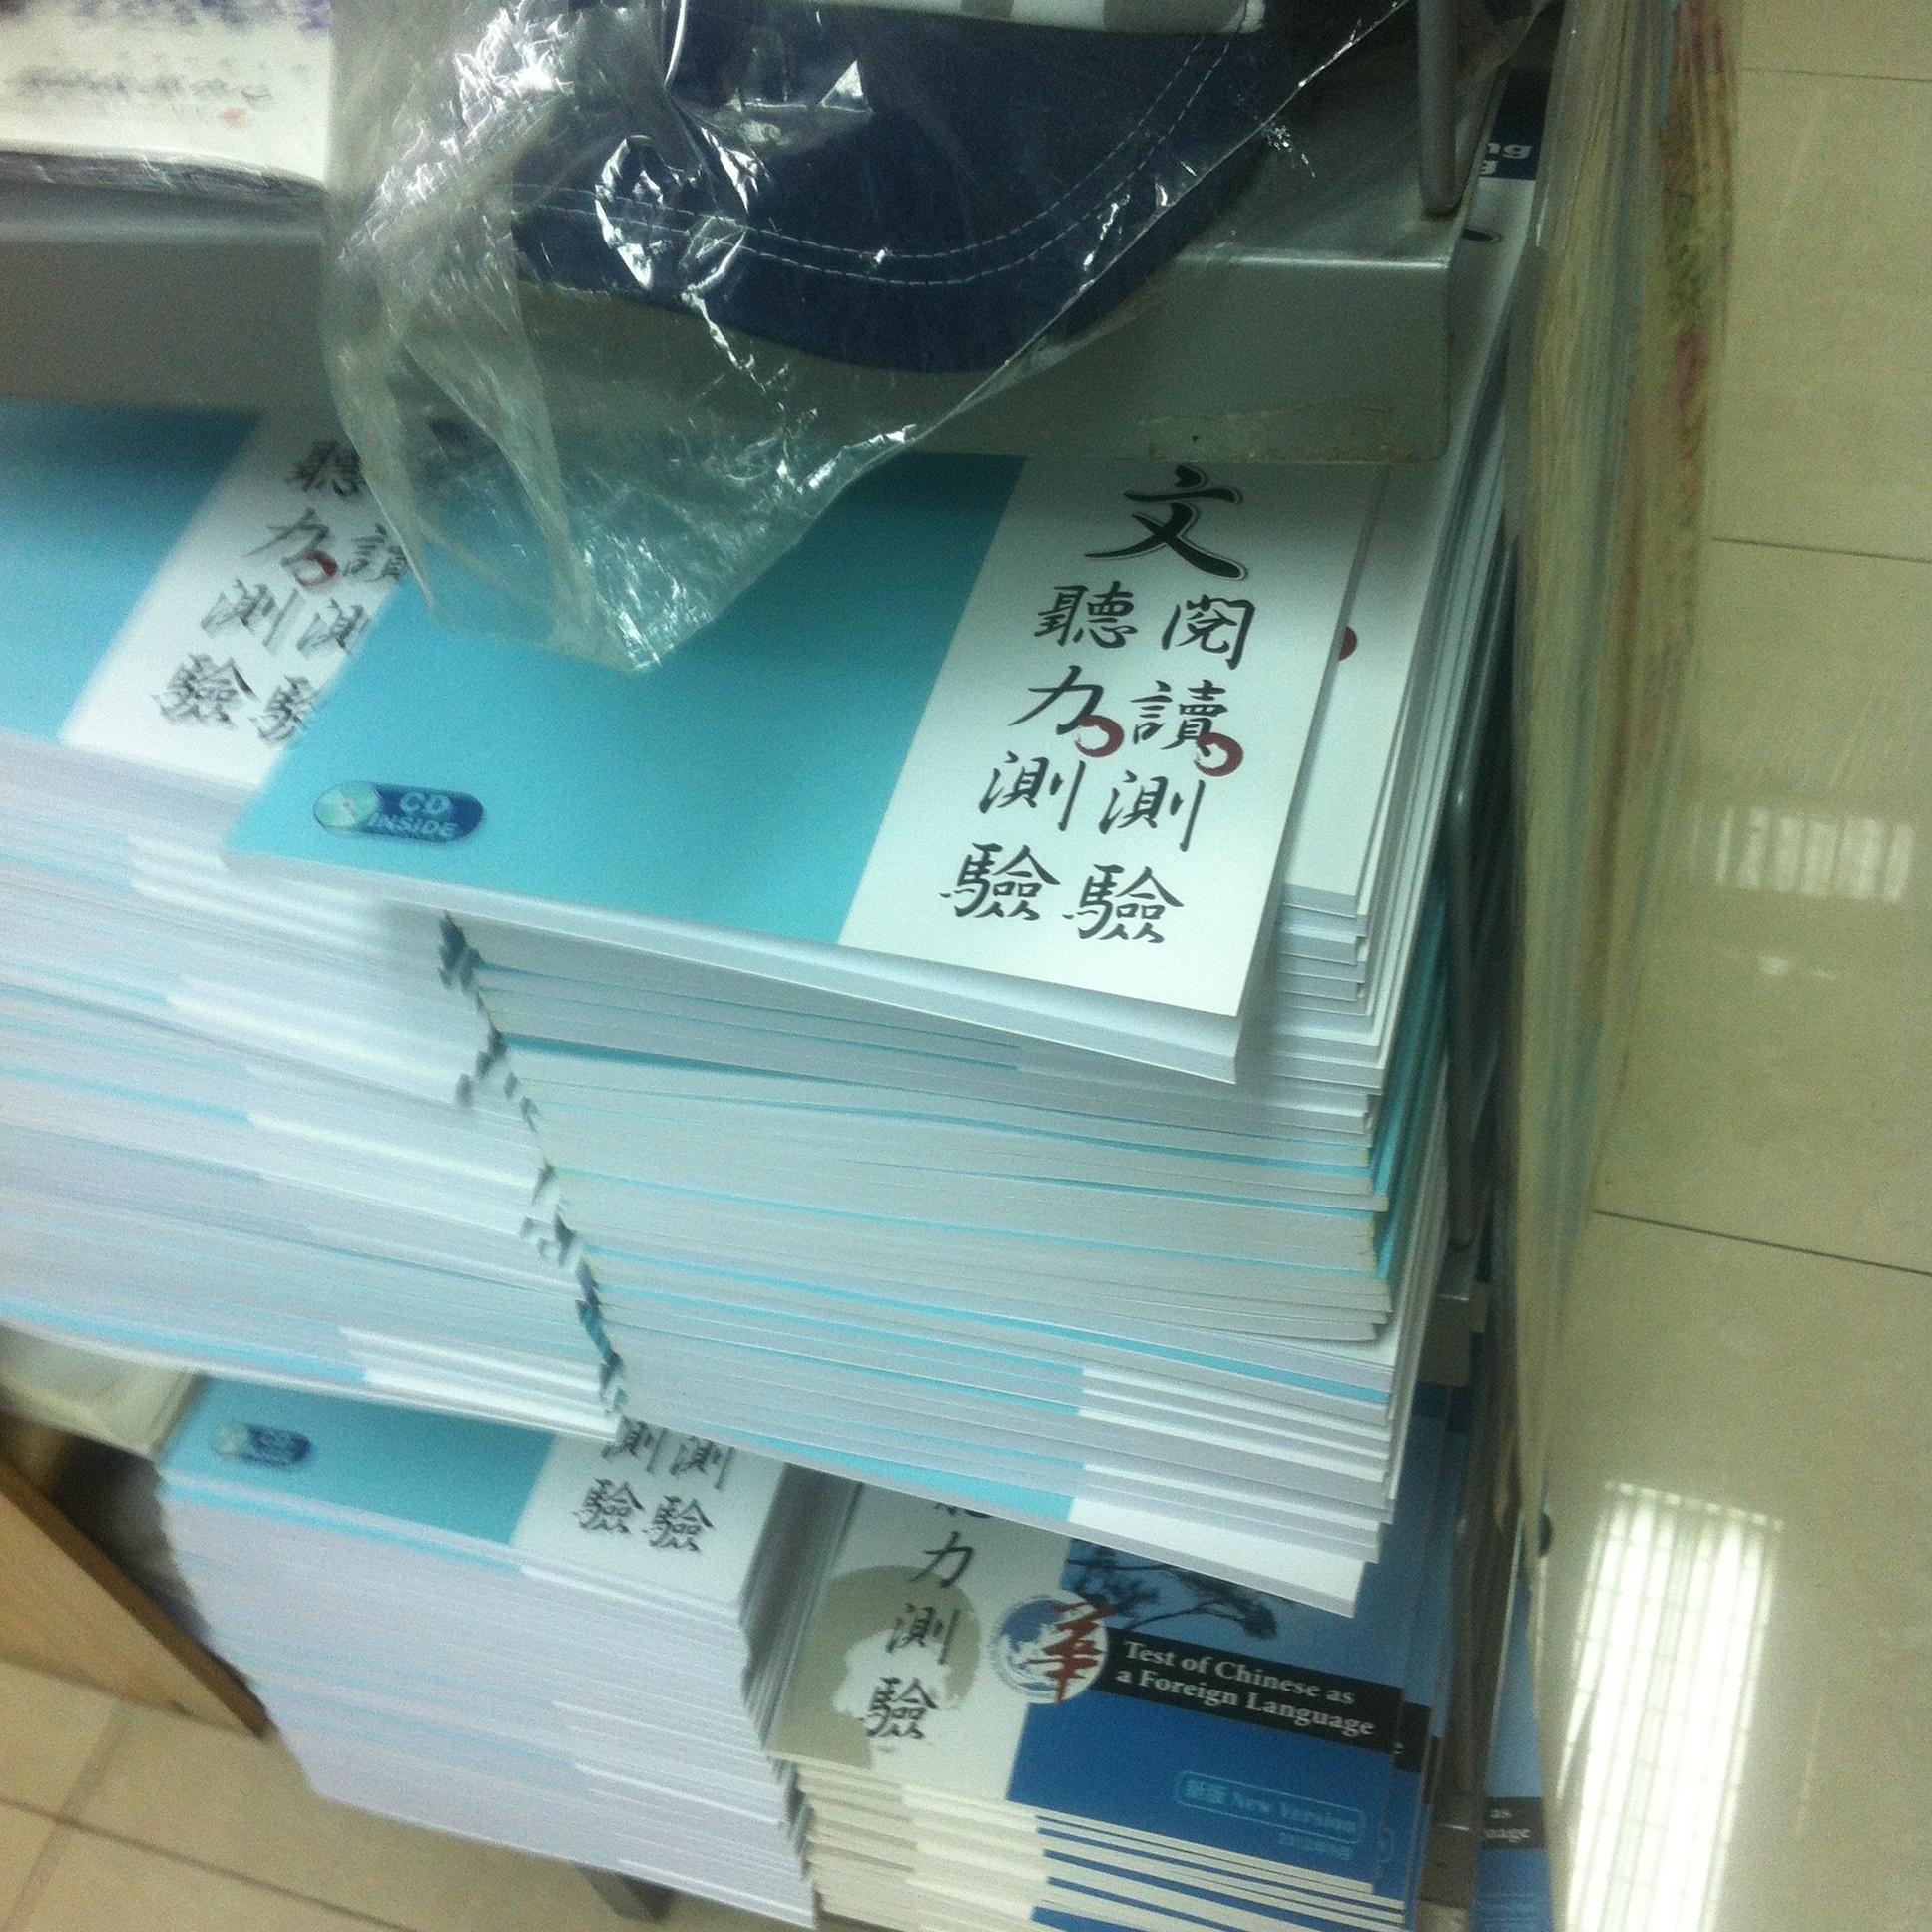 【便利】華語文能力測検の問題集を手に入れる♪